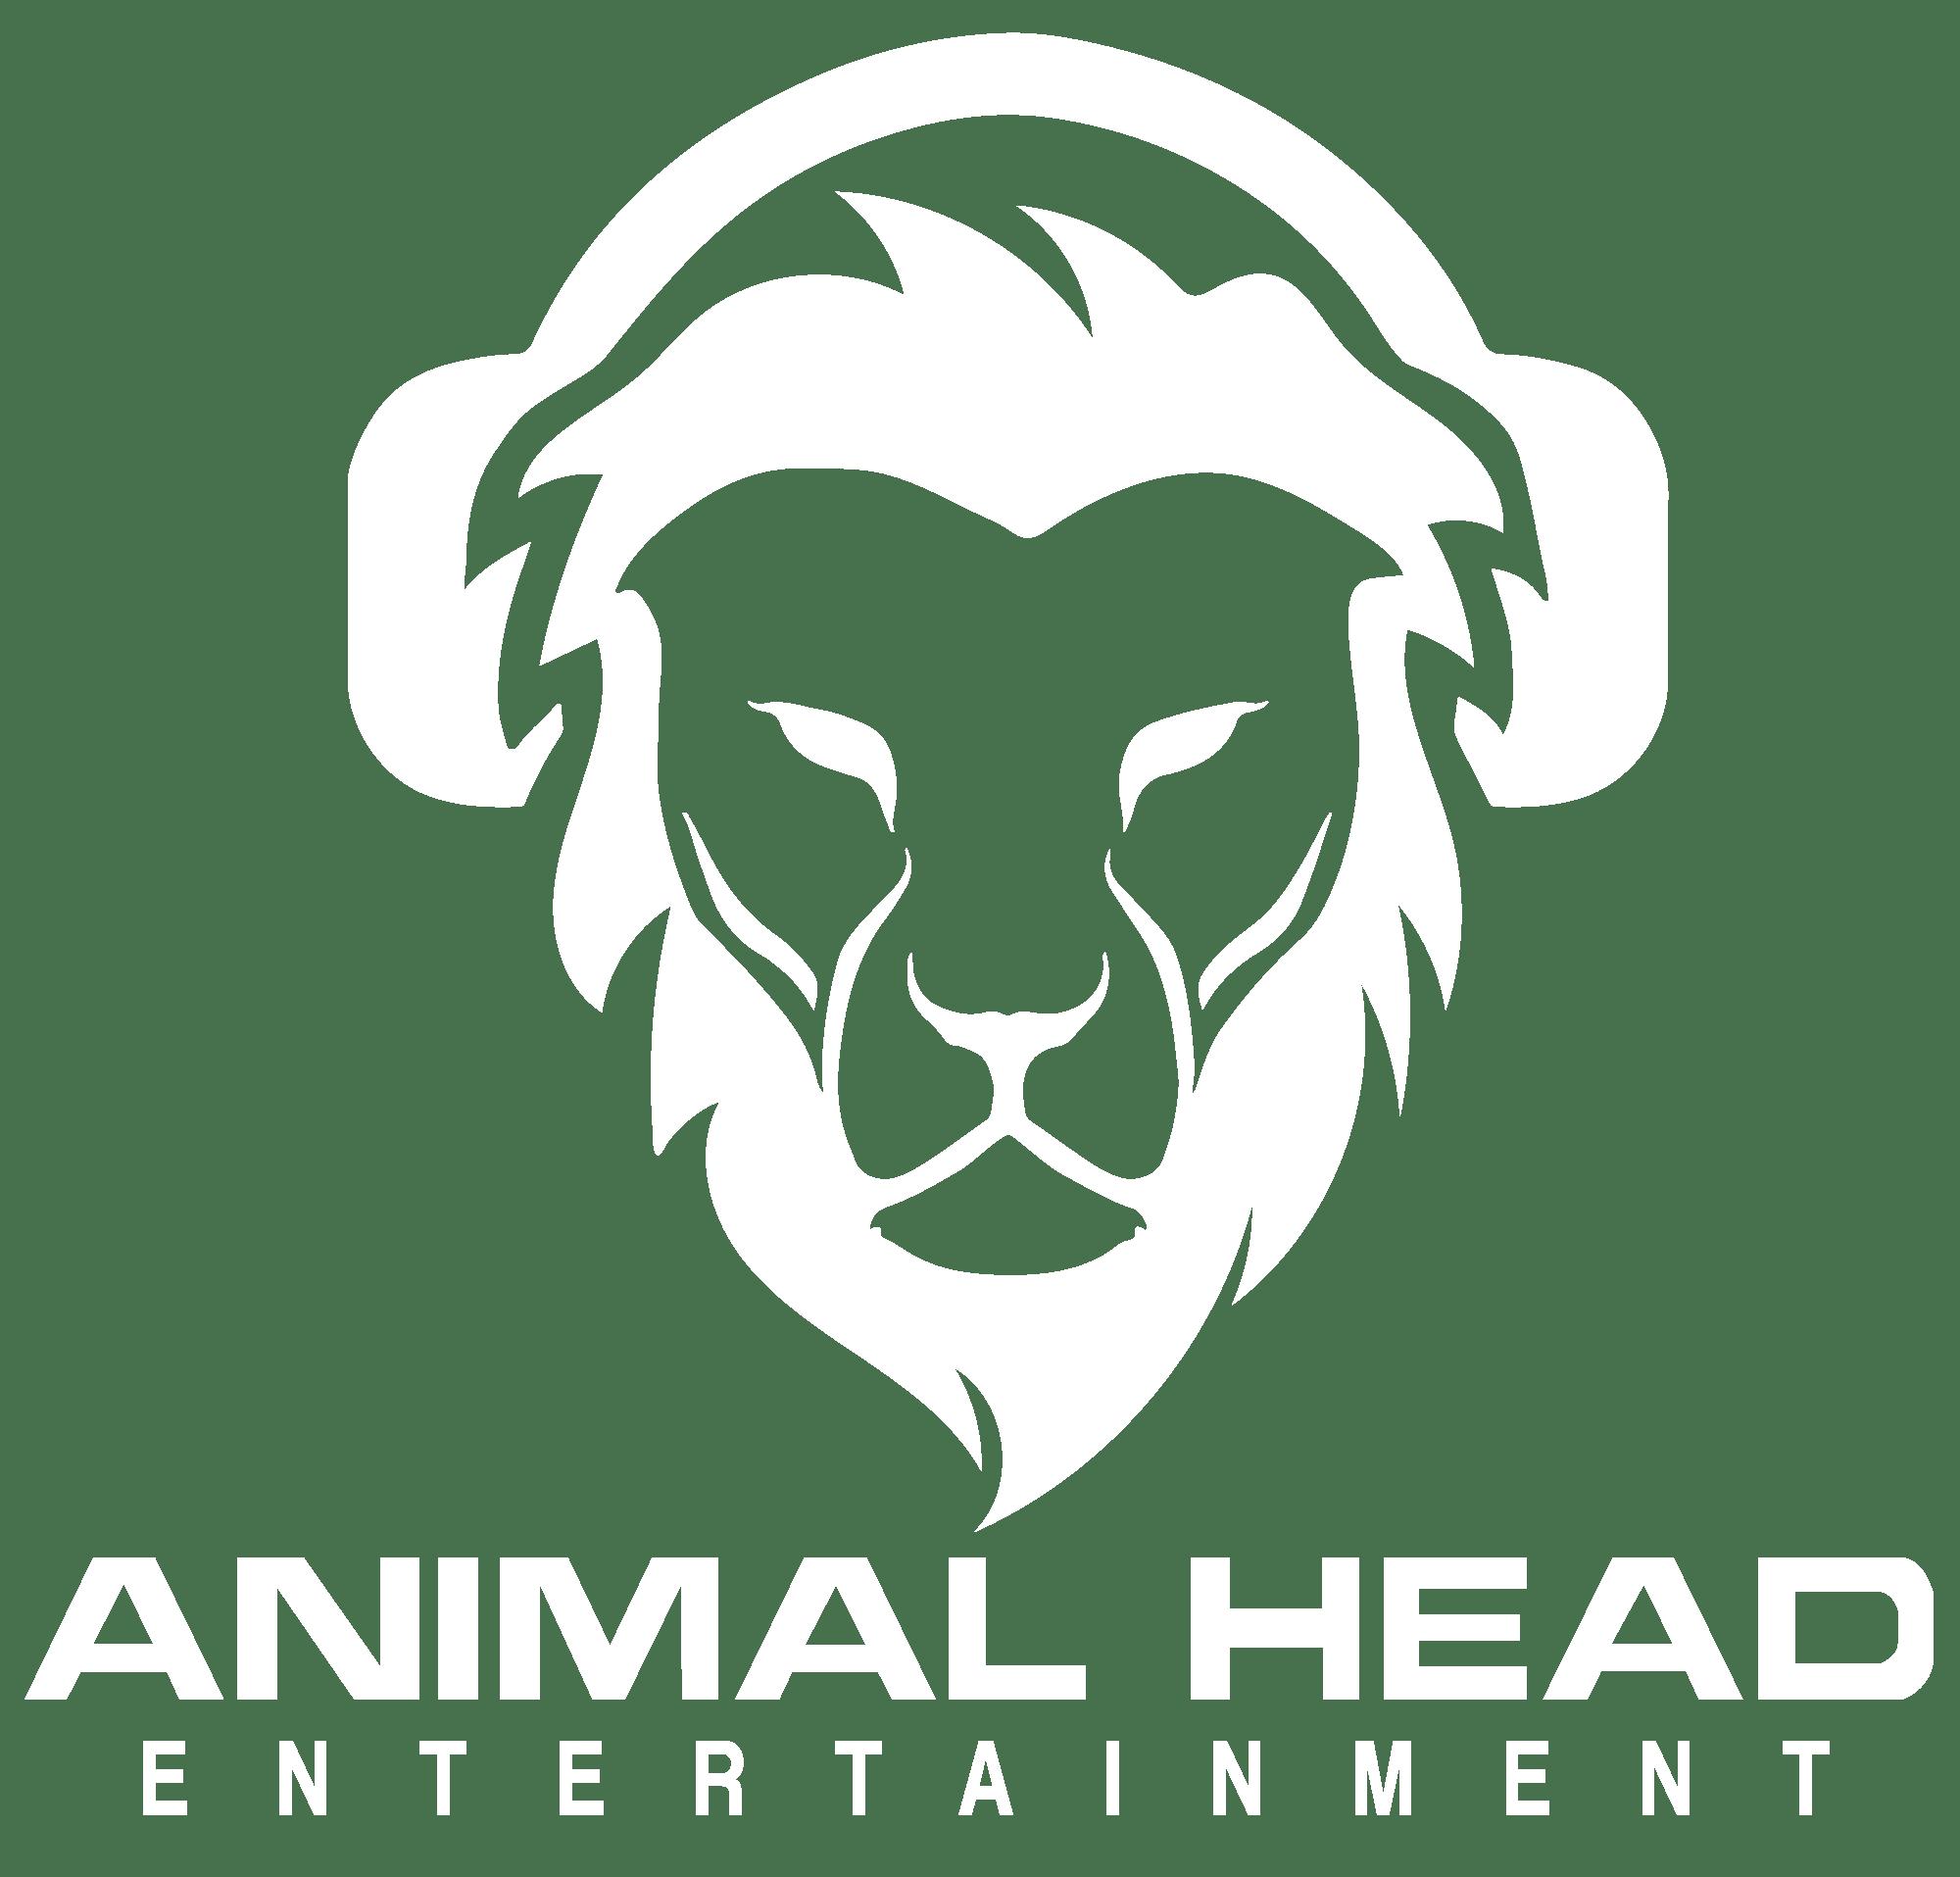 Animalhead Entertainment